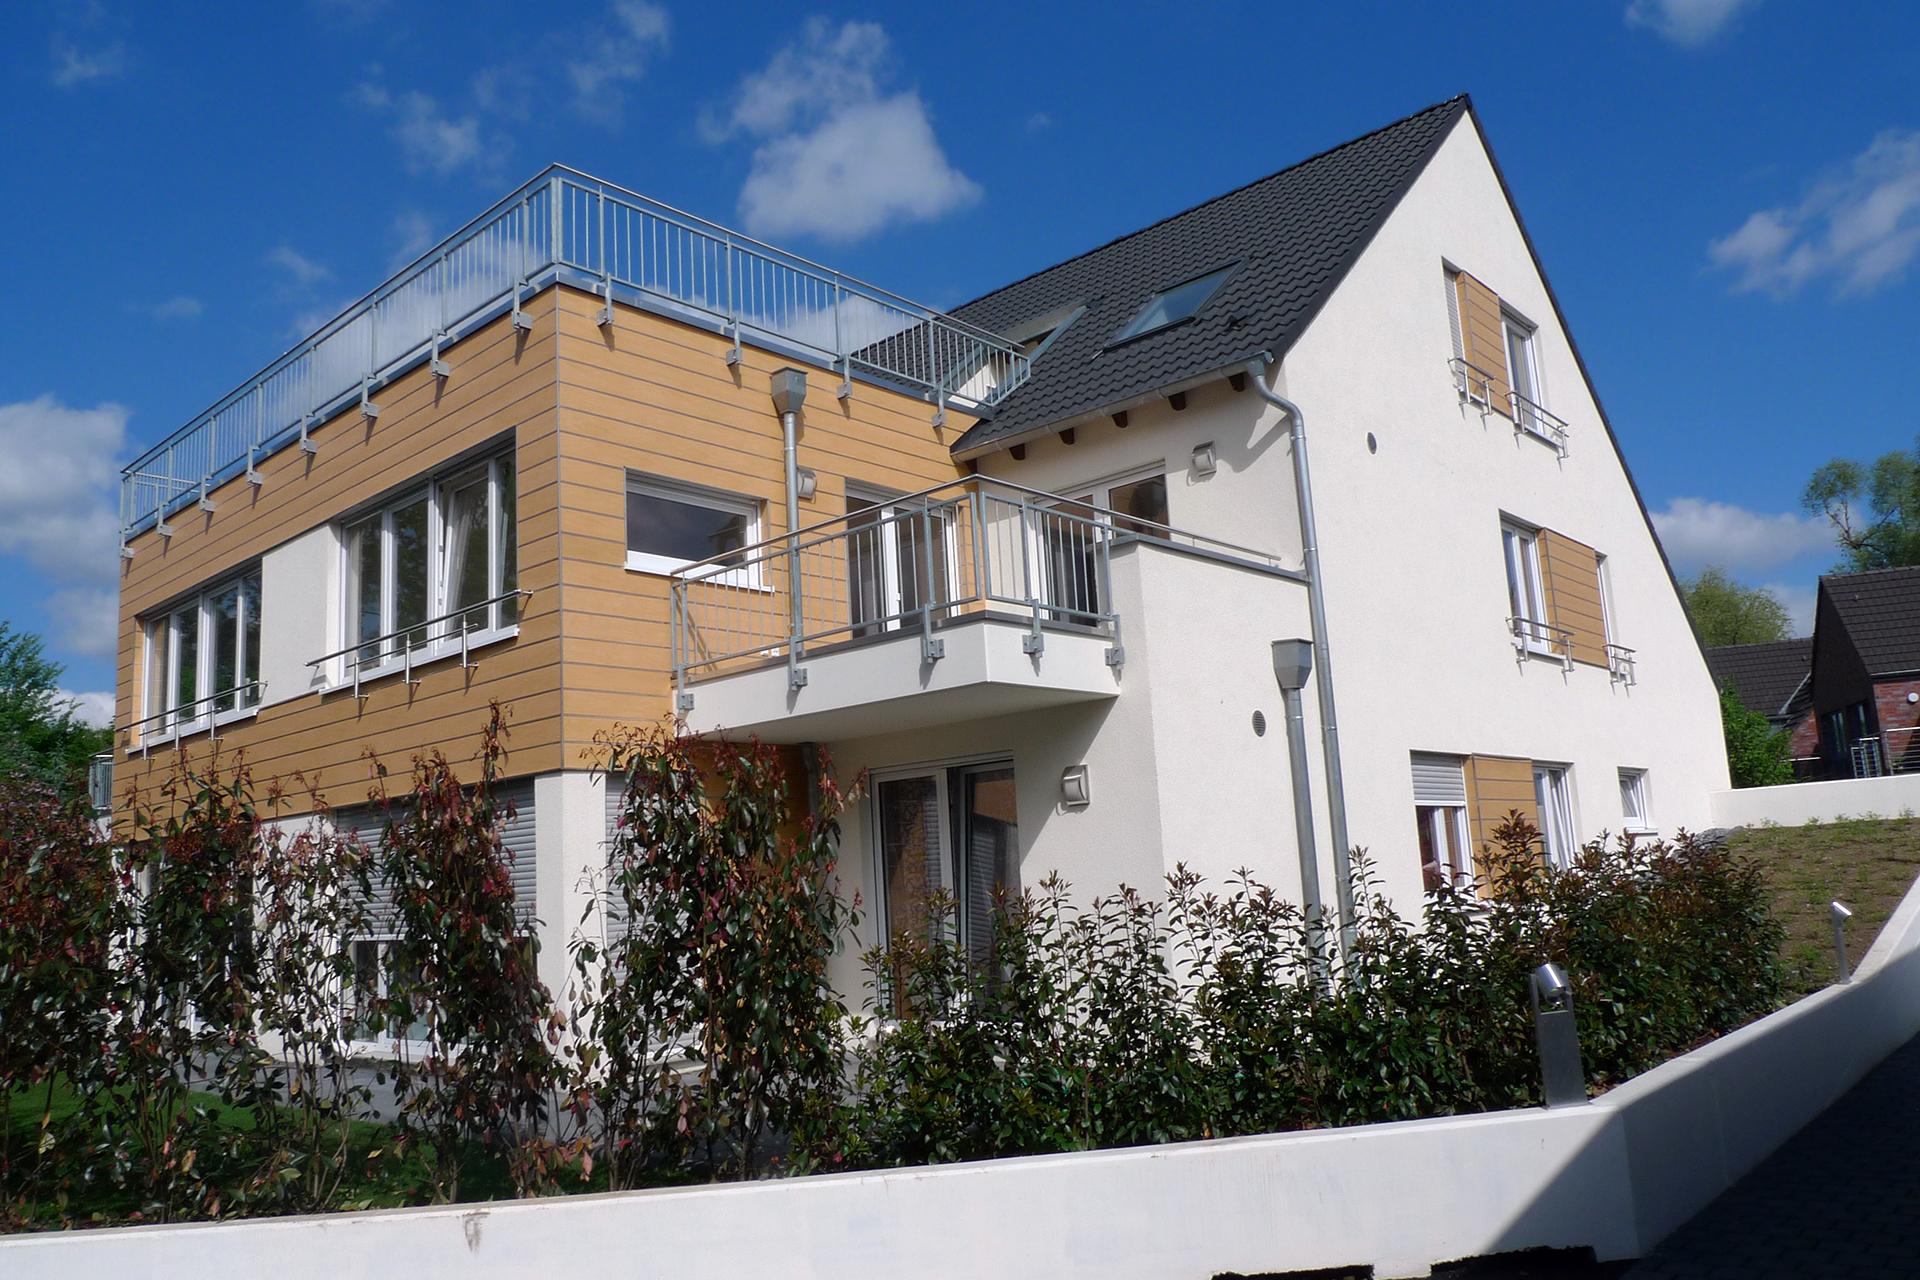 4-Zimmer-Wohnung | Düsseldorf-Niederkassel